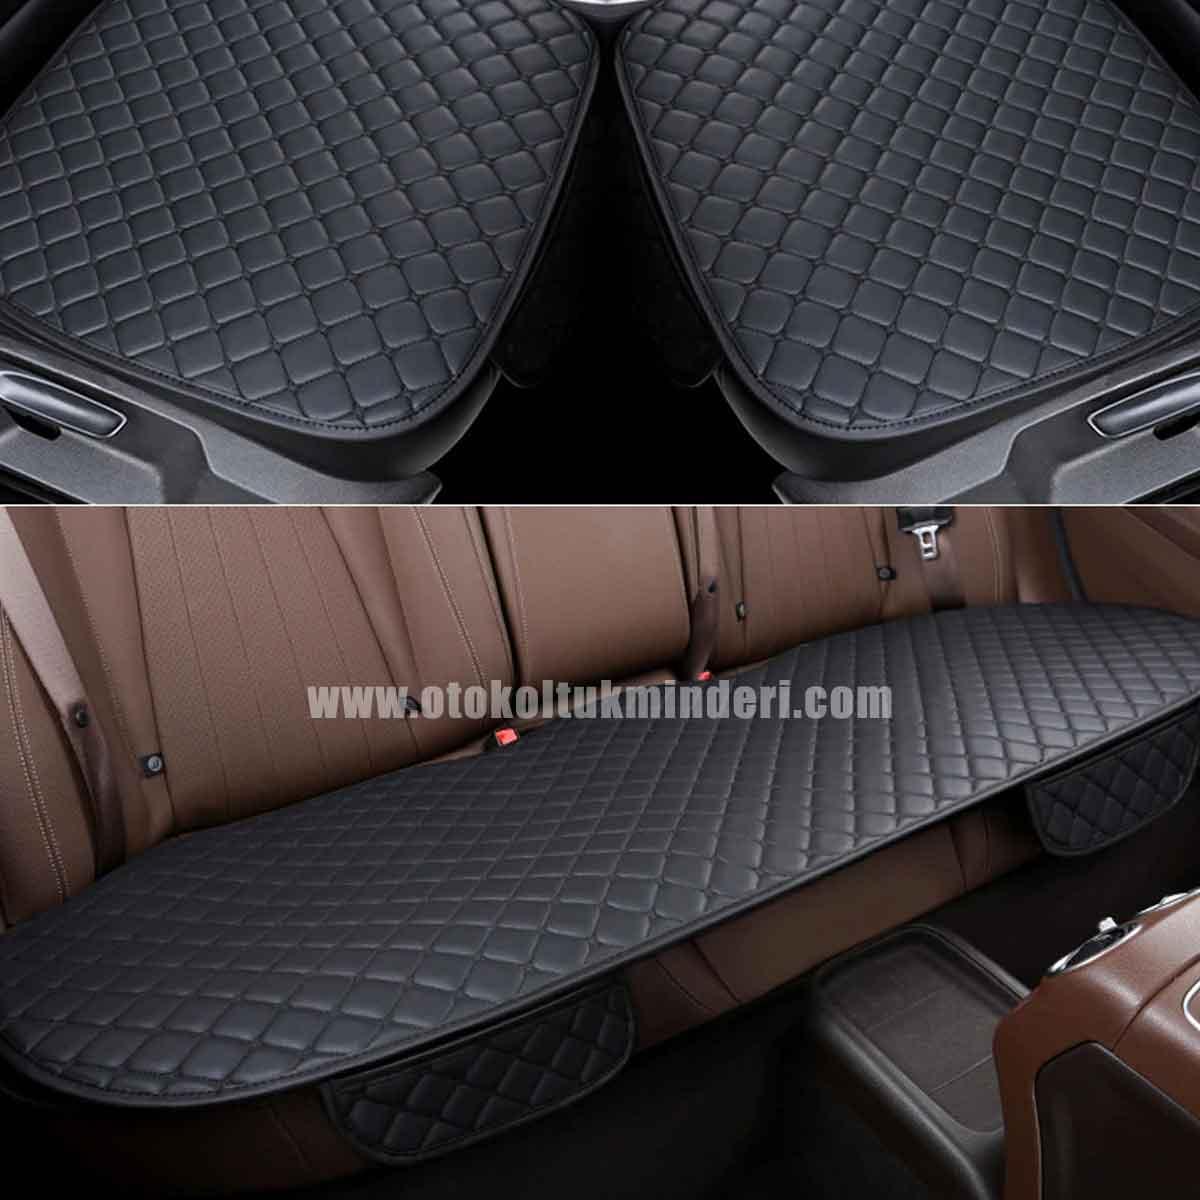 Fiat koltuk kılıfı deri - Fiat Koltuk minderi Siyah Deri Cepli